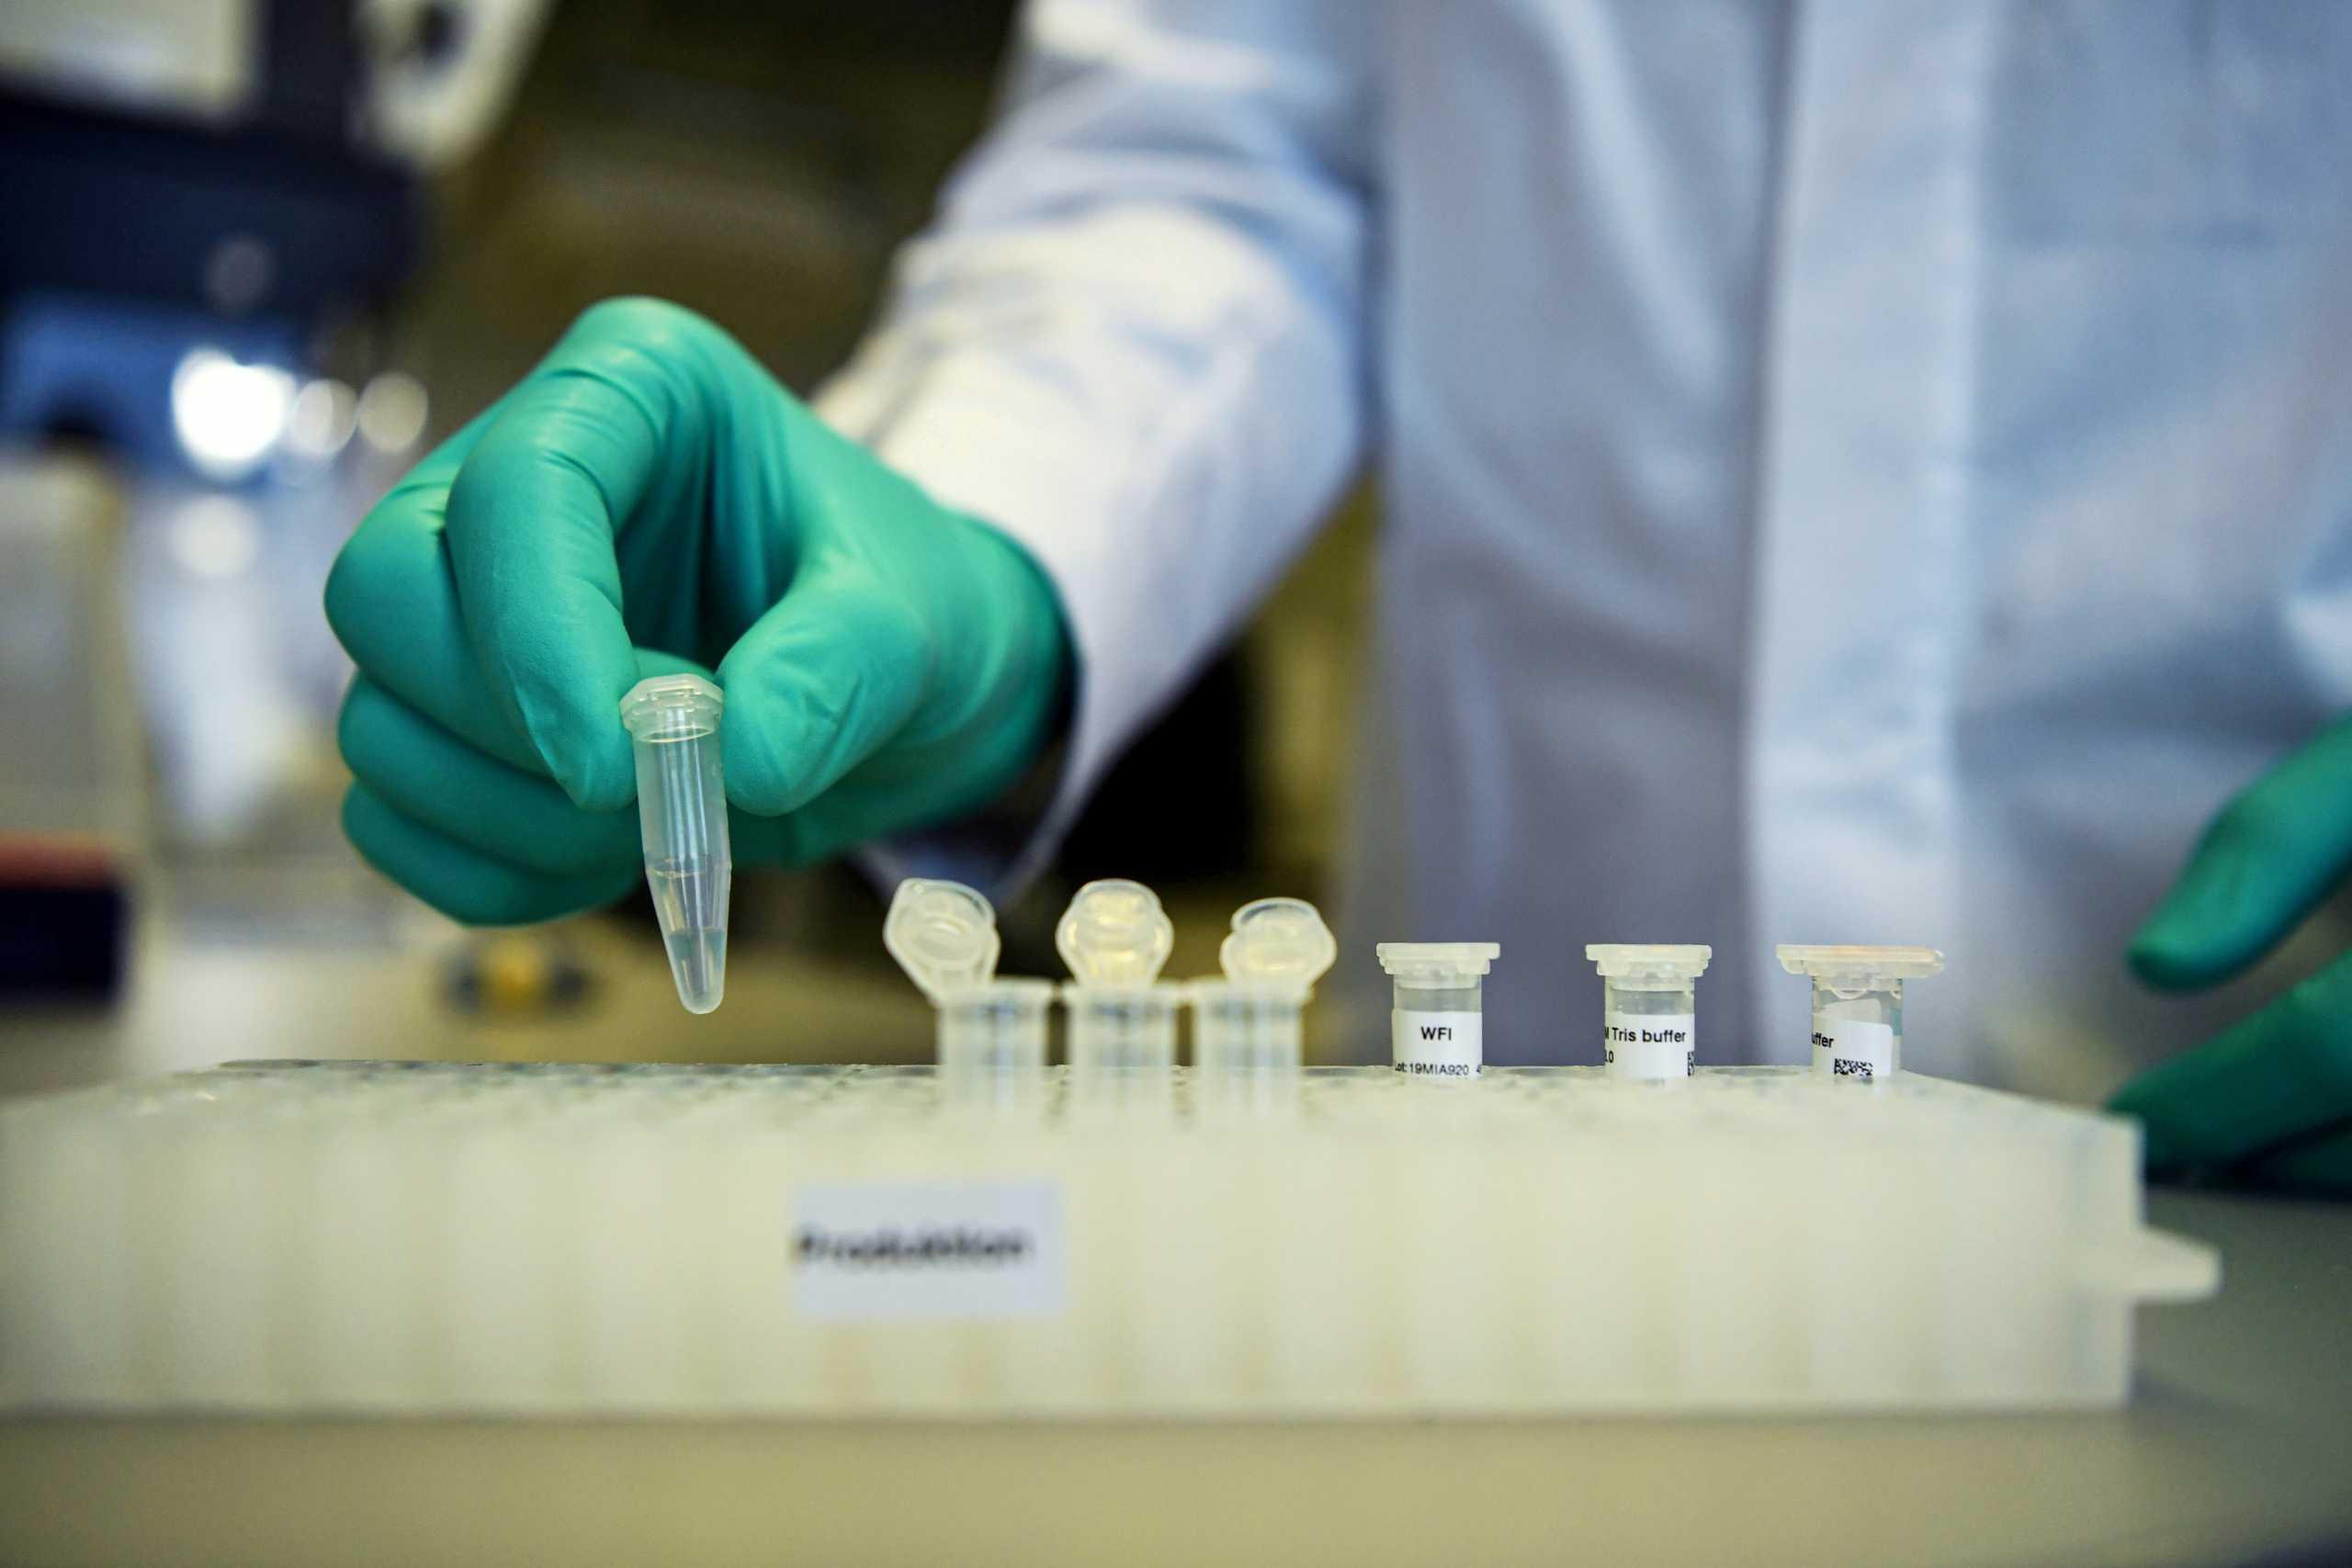 Ευρωπαϊκός Οργανισμός Φαρμάκων: Δύο δόσεις εμβολίου φαίνεται να προστατεύουν από την παραλλαγή Δέλτα